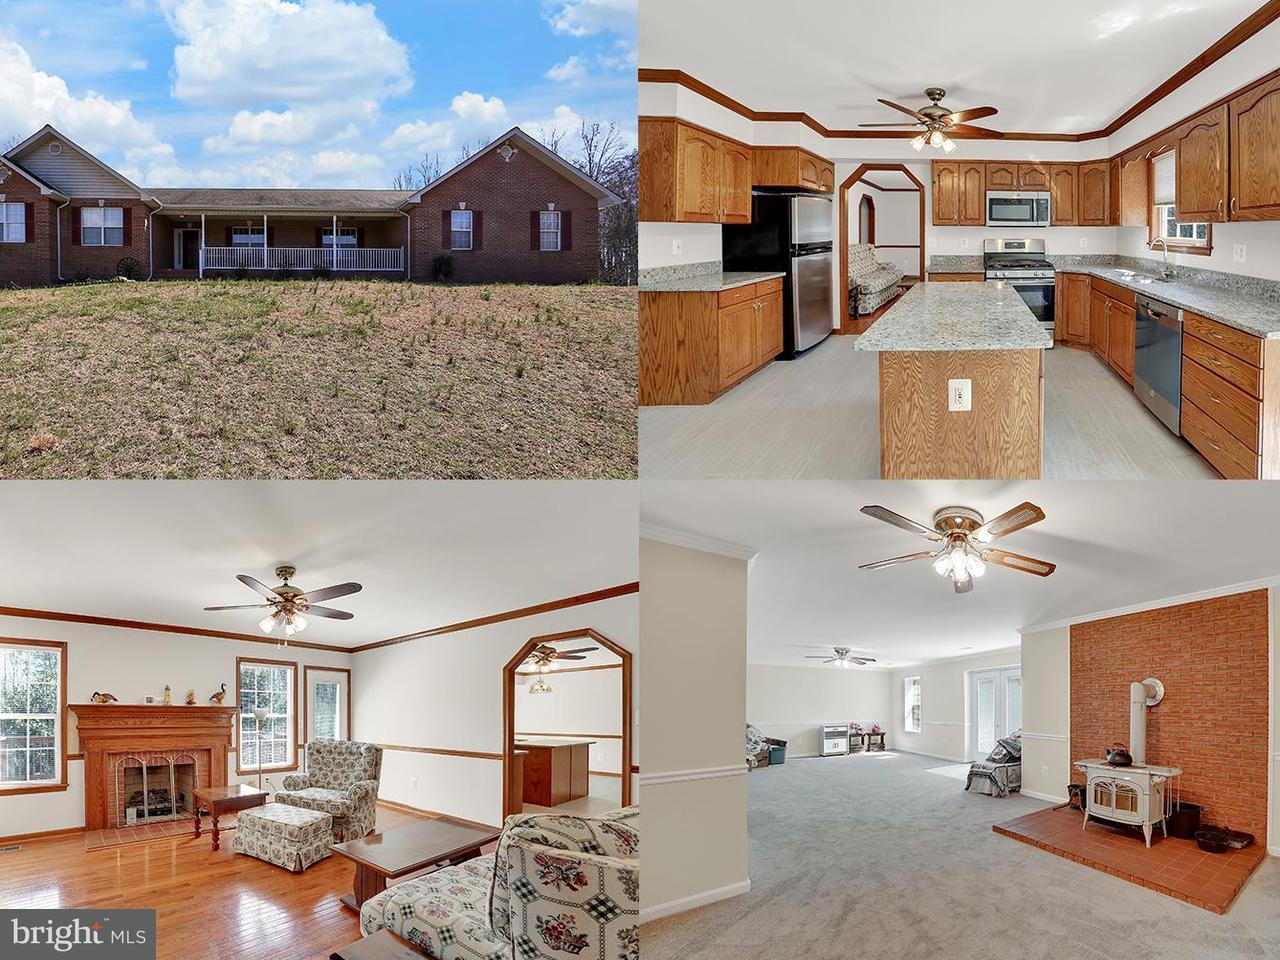 Частный односемейный дом для того Продажа на 6170 Ivy Hill Court 6170 Ivy Hill Court Hughesville, Мэриленд 20637 Соединенные Штаты